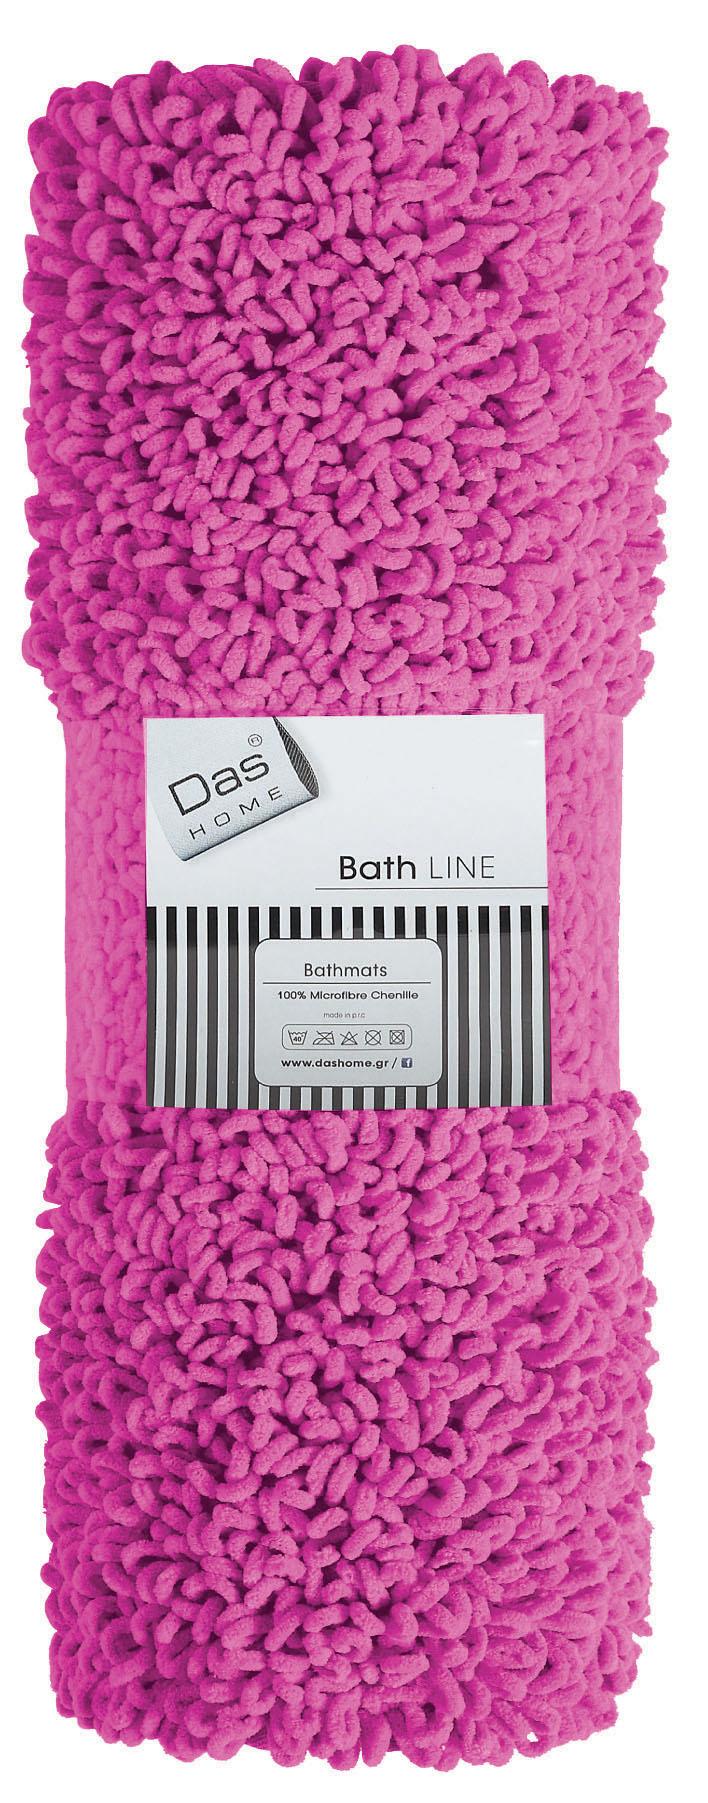 Πατάκια μπάνιου μονόχρωμα 2 διαστάσεων Bathmats Colours 474, Das Home (Φούξια, 5